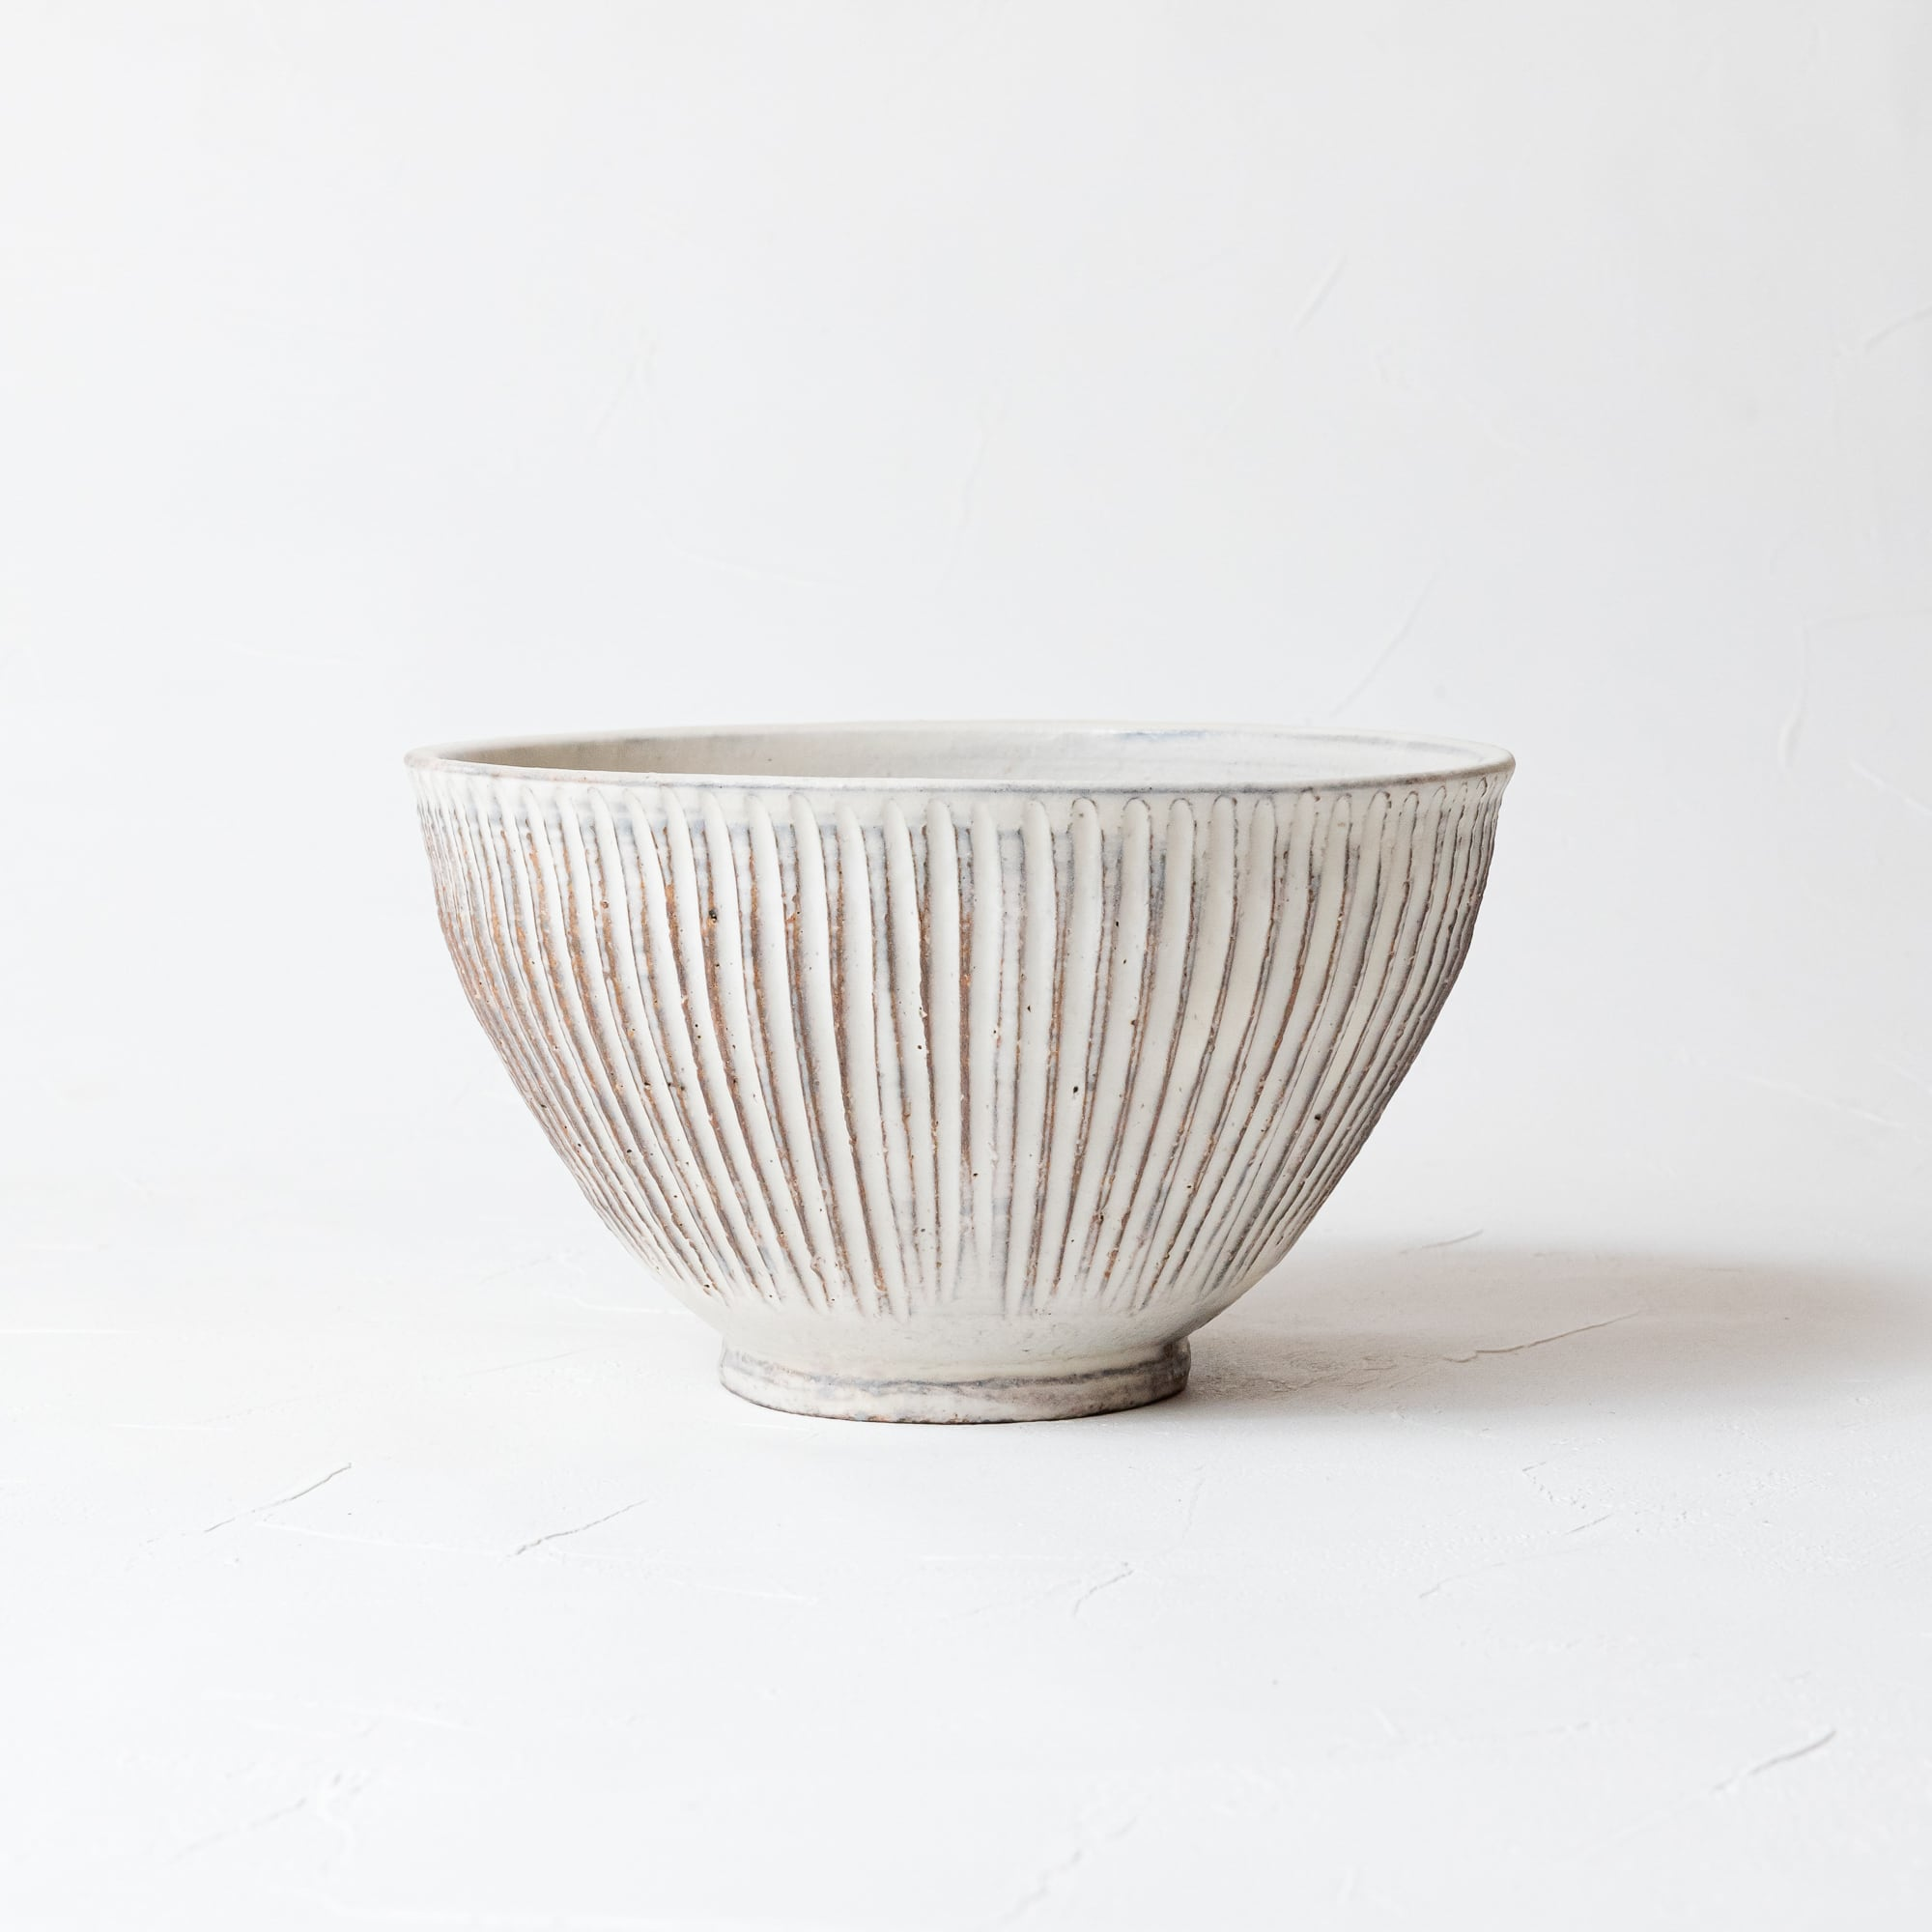 [大原拓也]鎬丼(粉引)